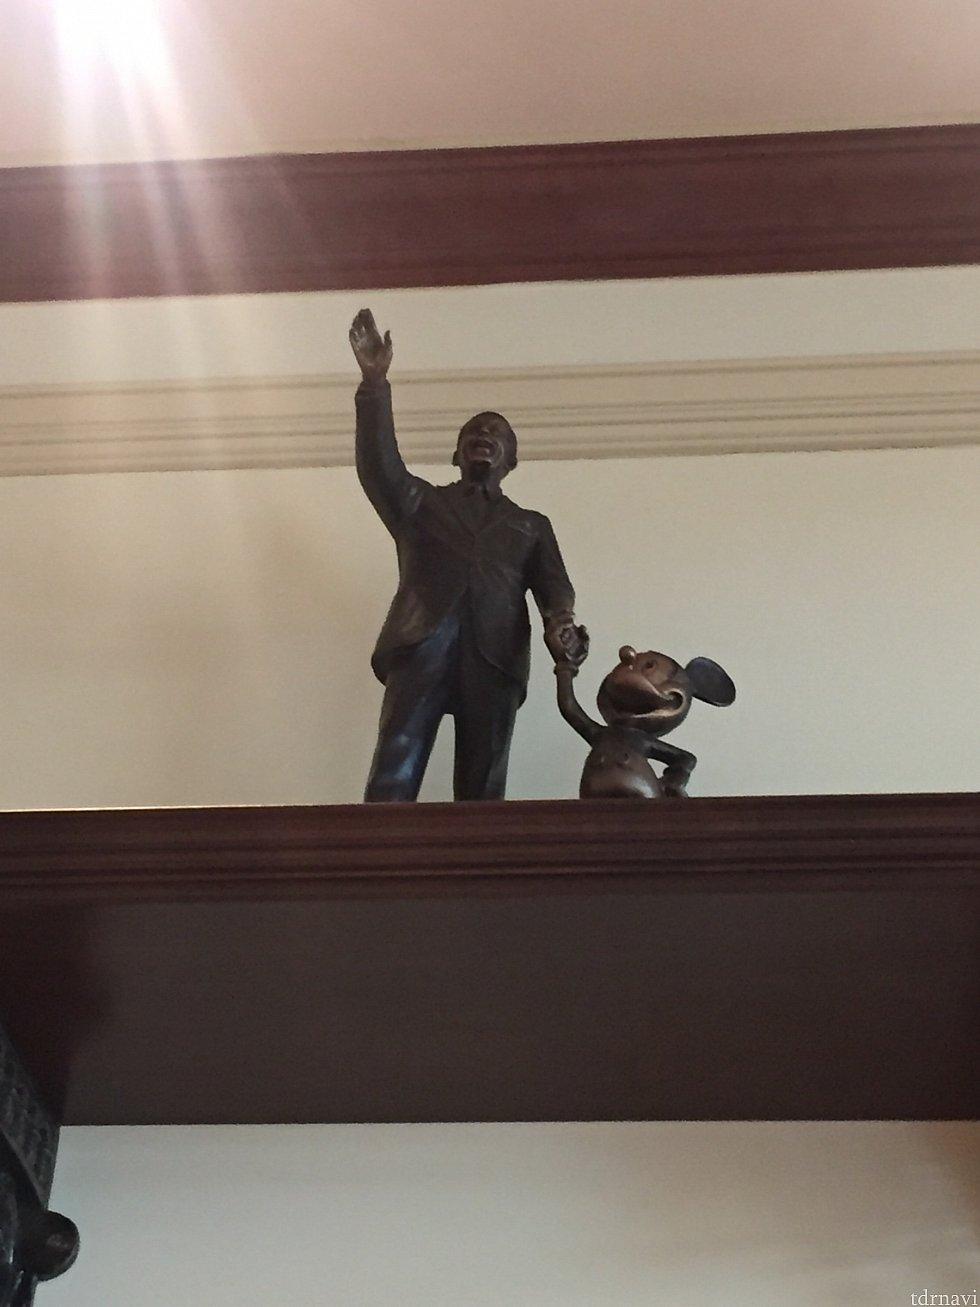 香港でこの像を見たのはここだけかも☺️ パーク内にあるのでしょうか??